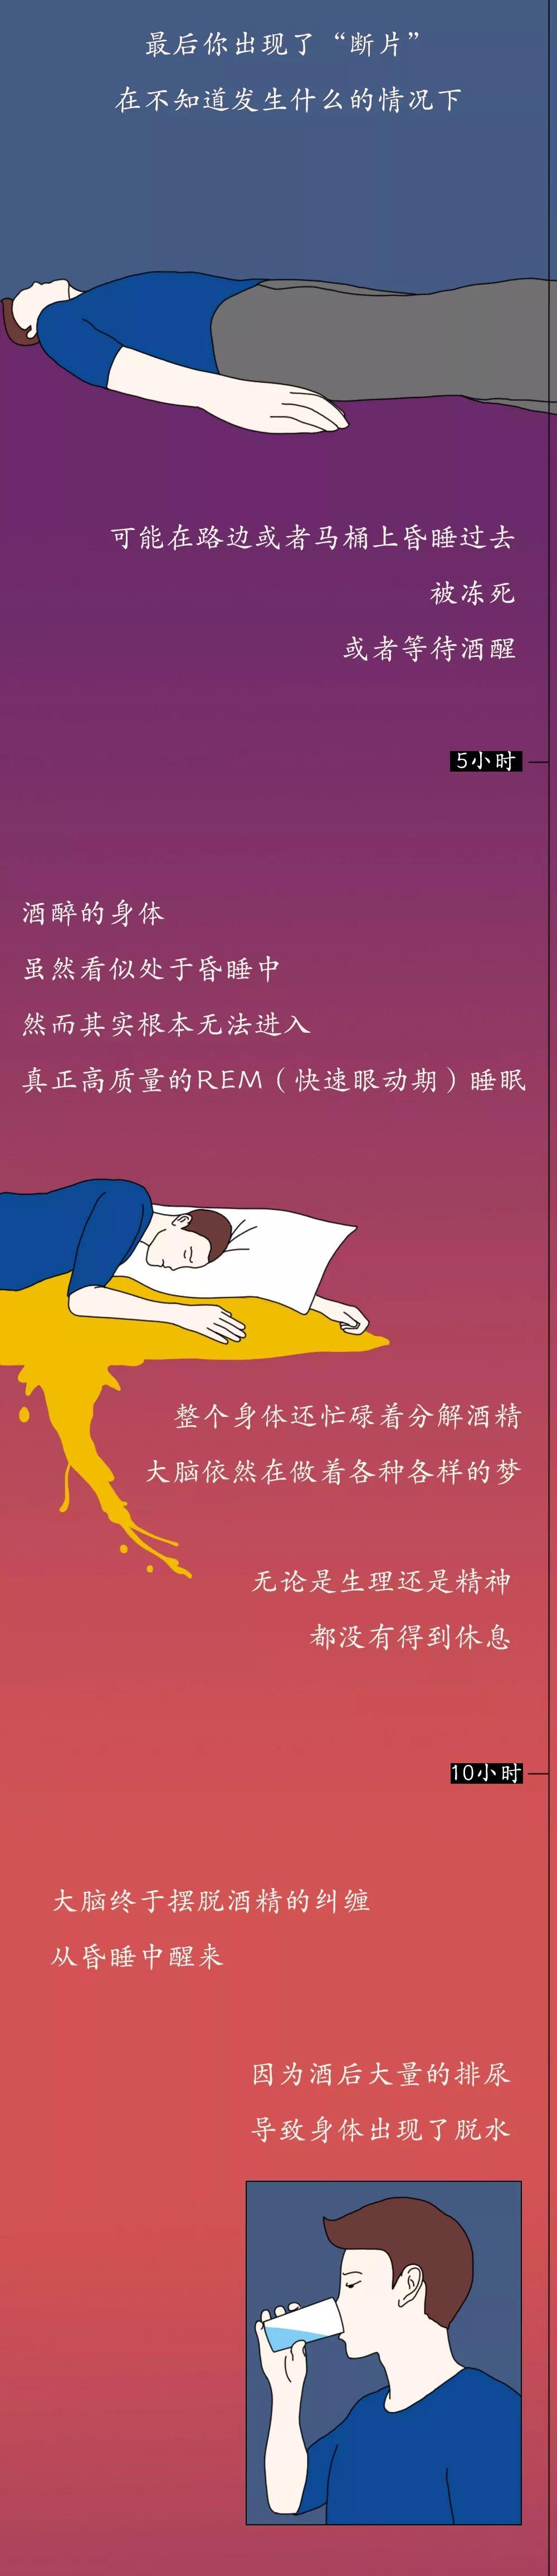 「荐读」一张图看懂酒精进入体内的24小时